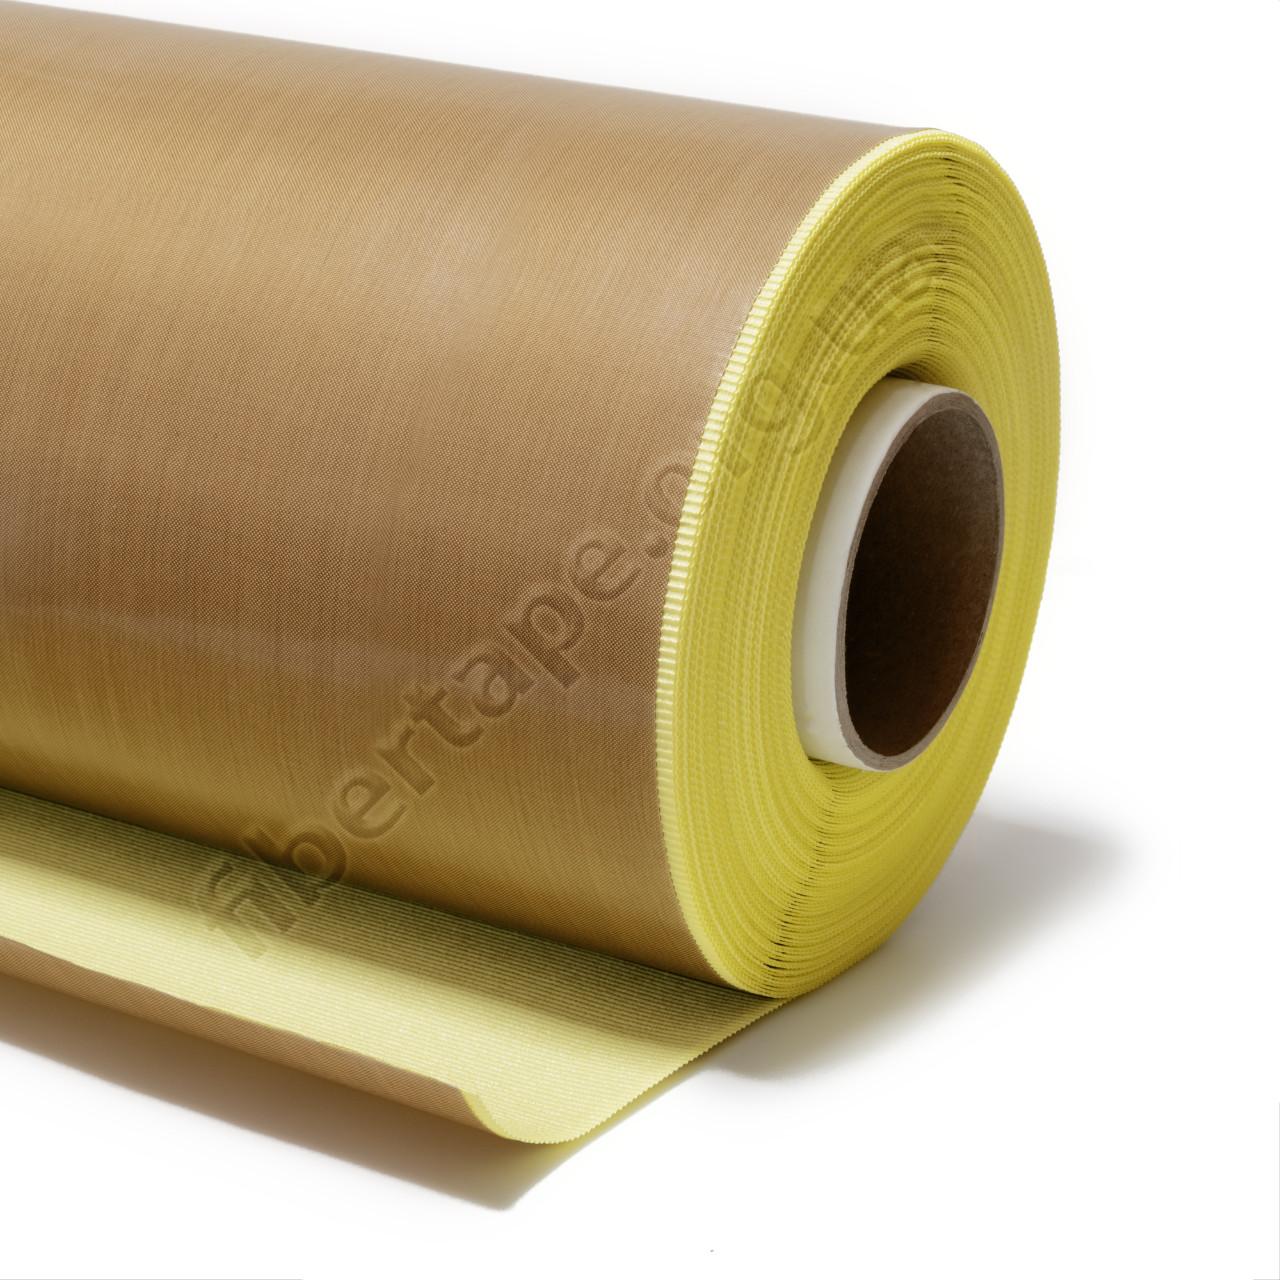 Тефлоновая лента не армированная (пленка) с клеем 125 микрон